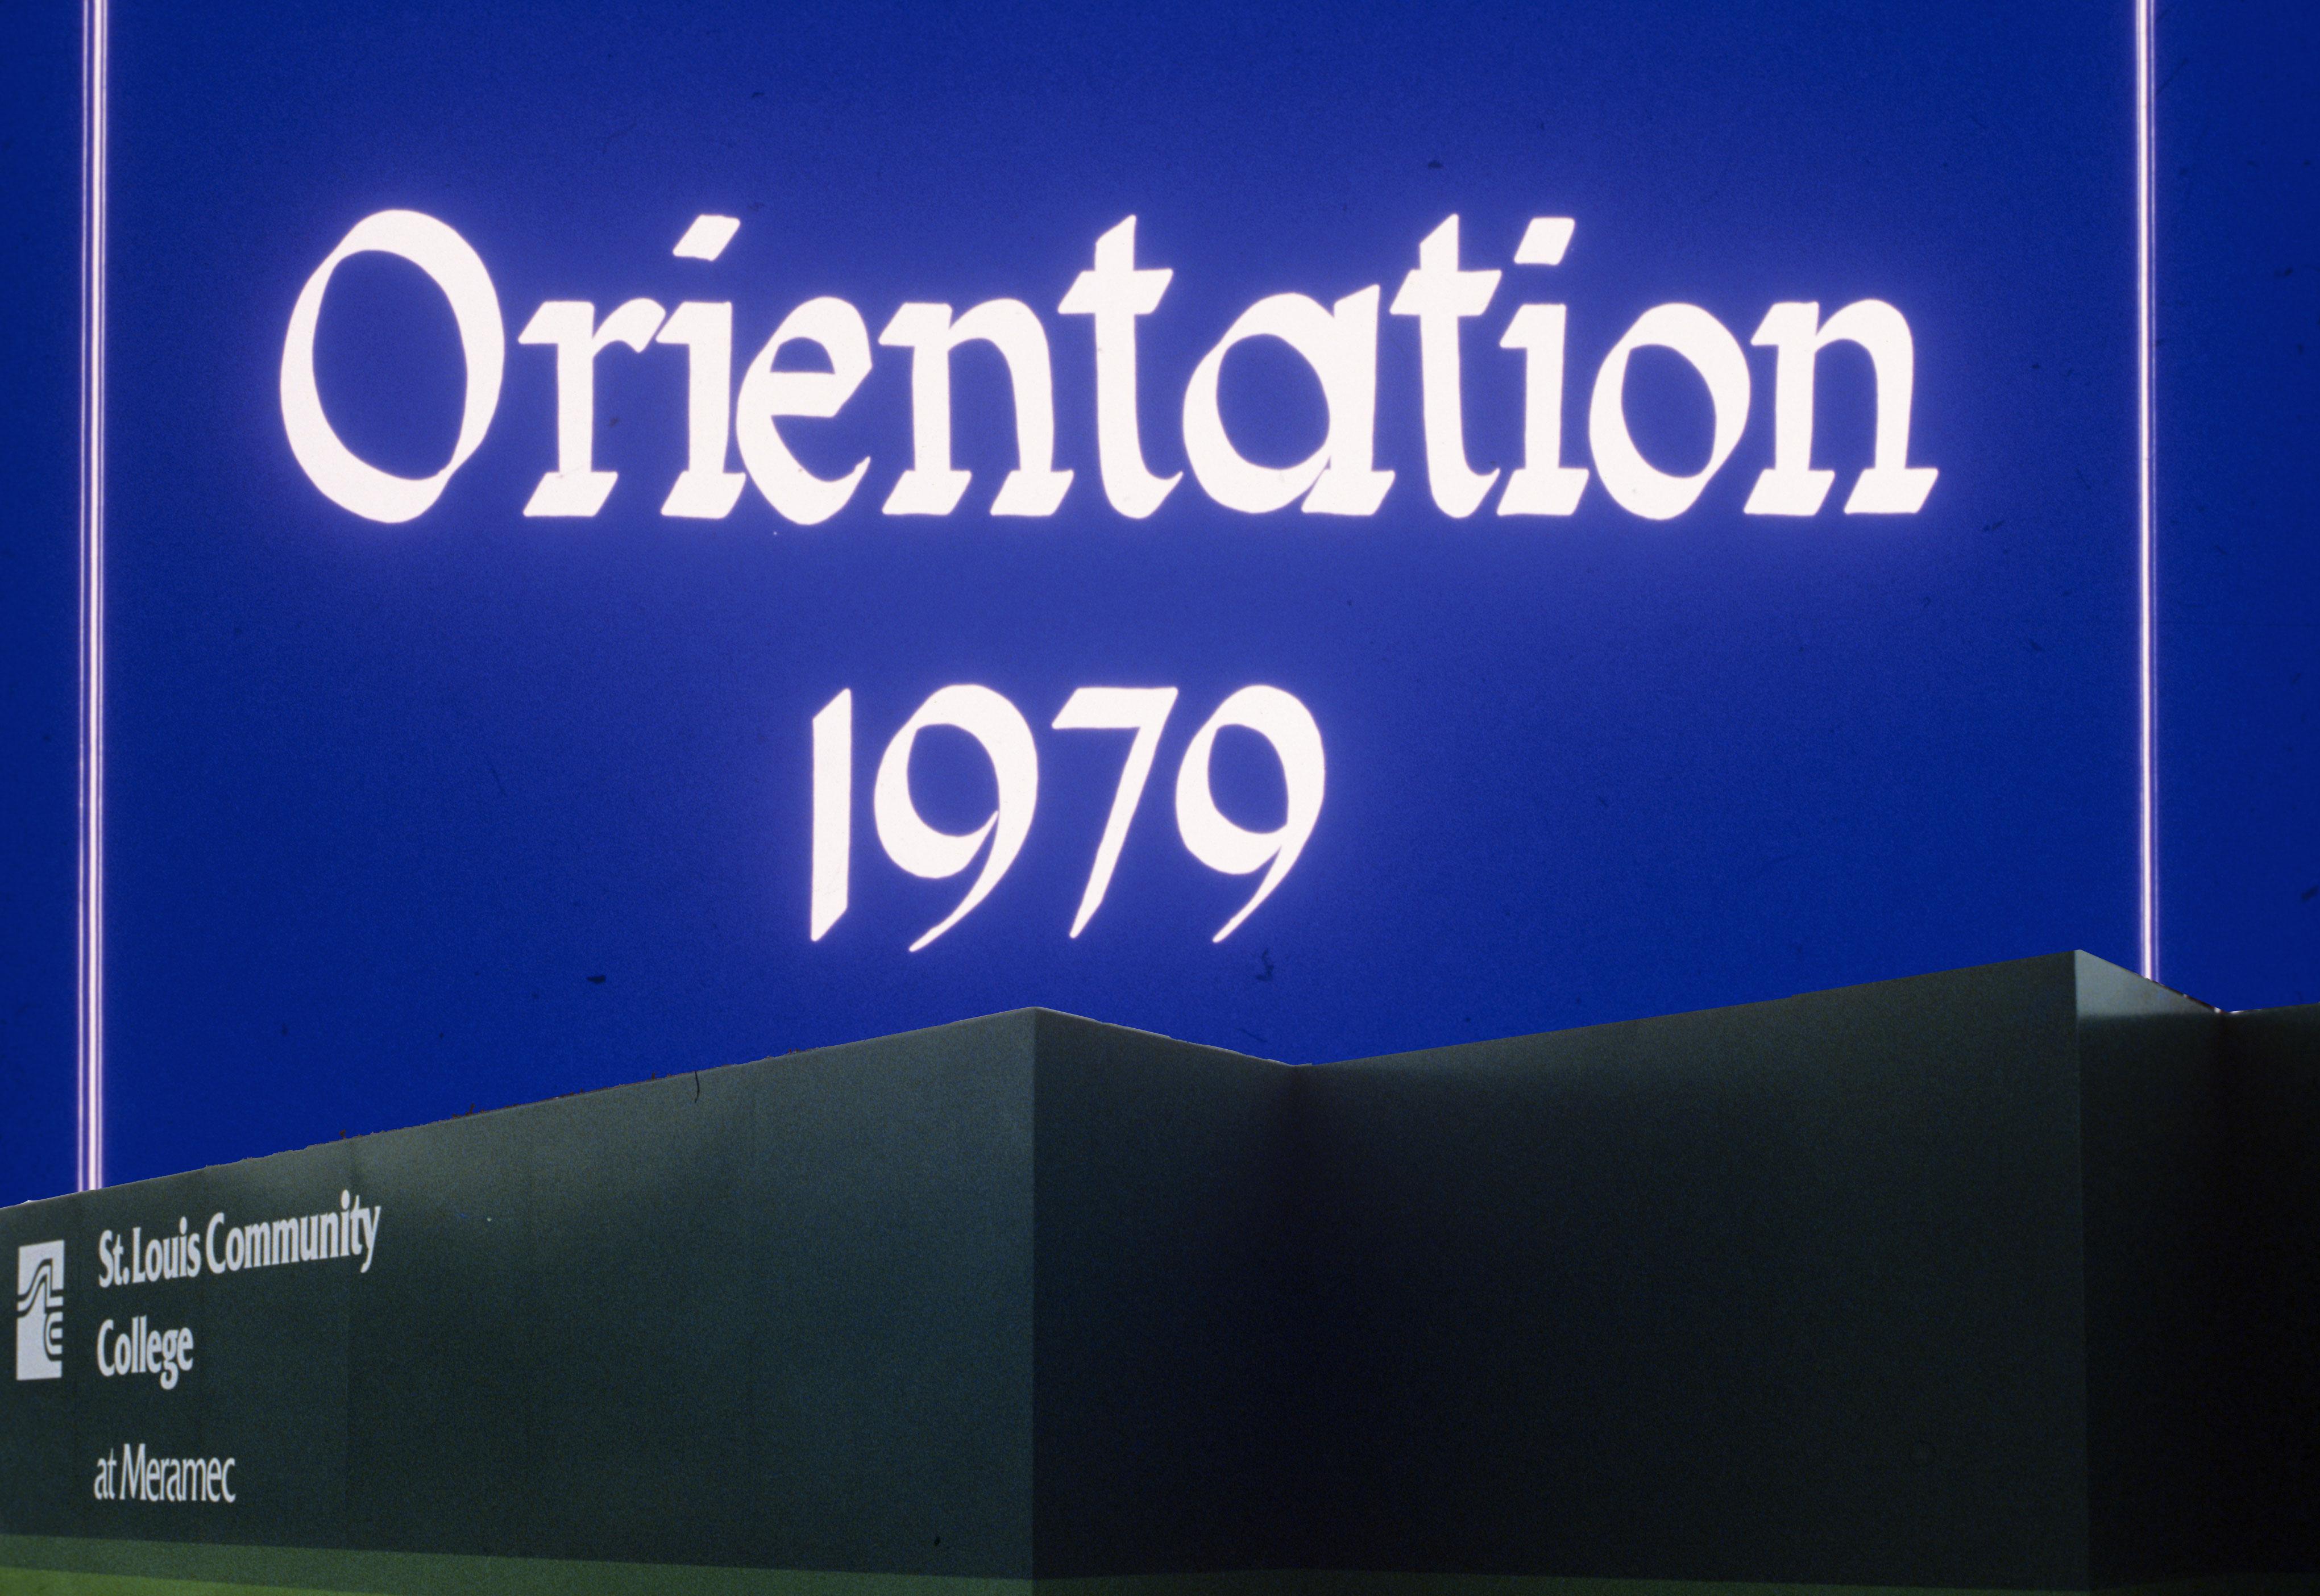 orientation_SLCCM79